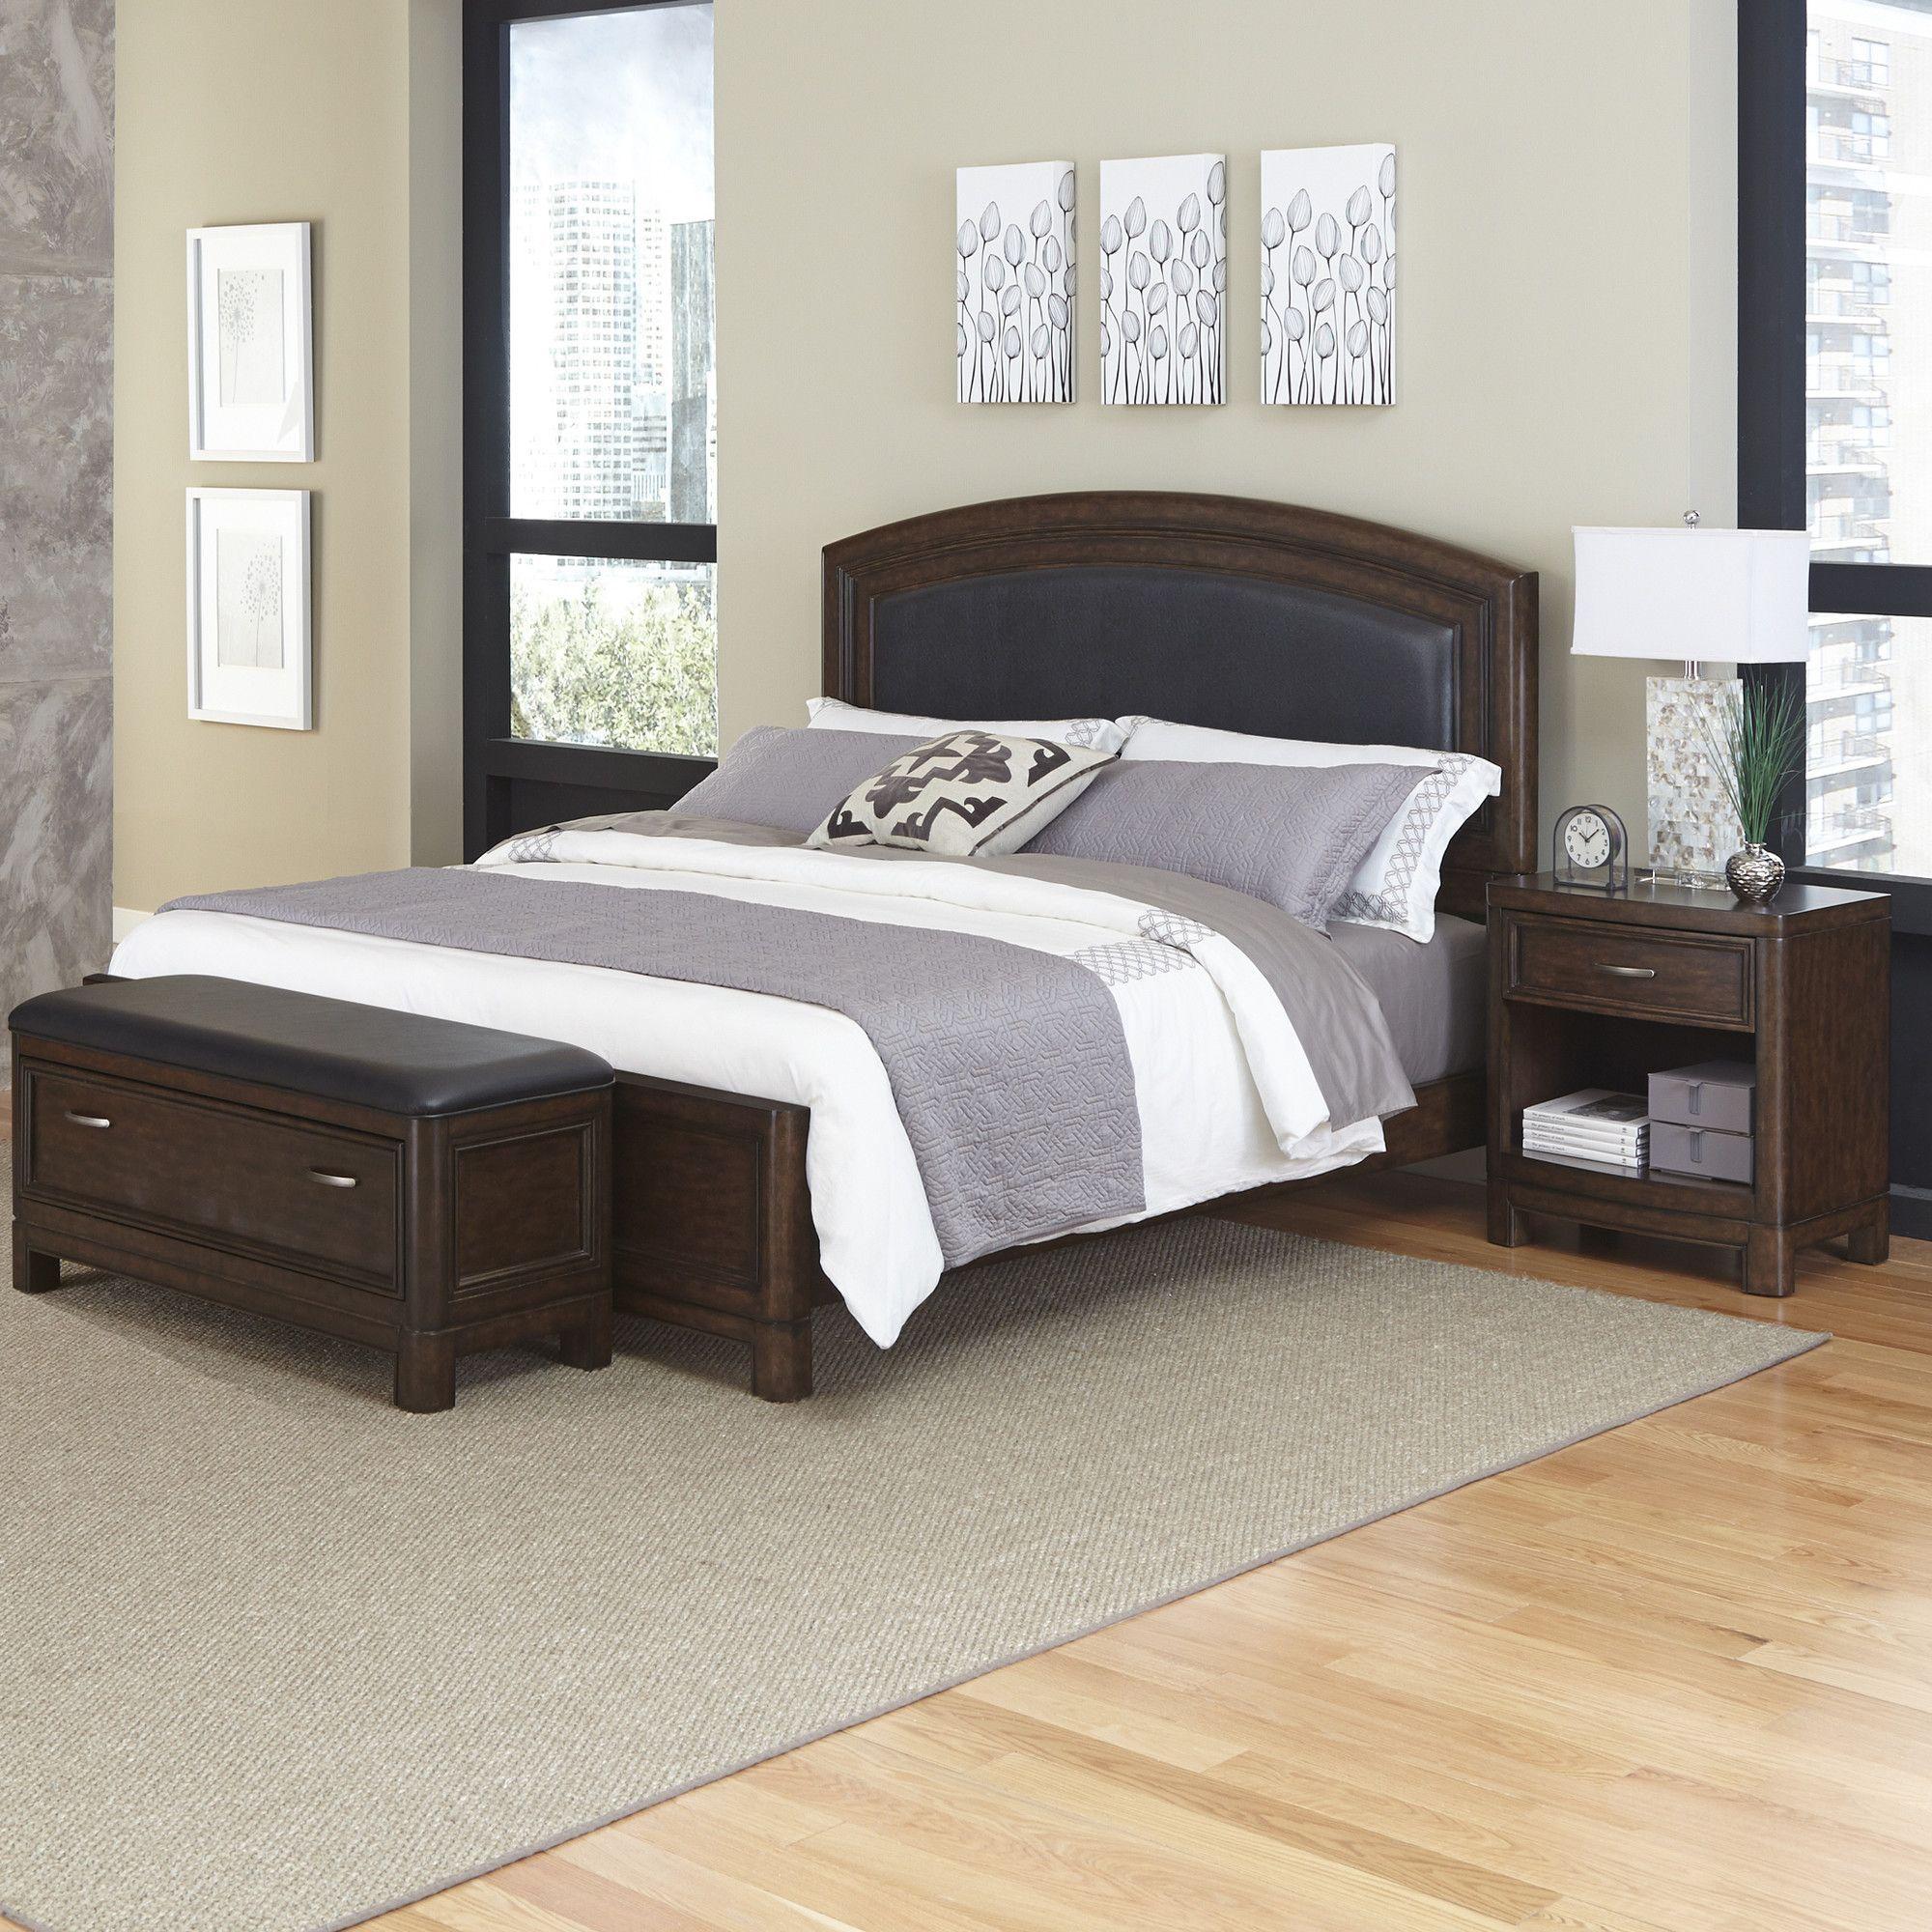 Best Crescent Hill Panel 3 Piece Bedroom Set Bedroom Sets 400 x 300